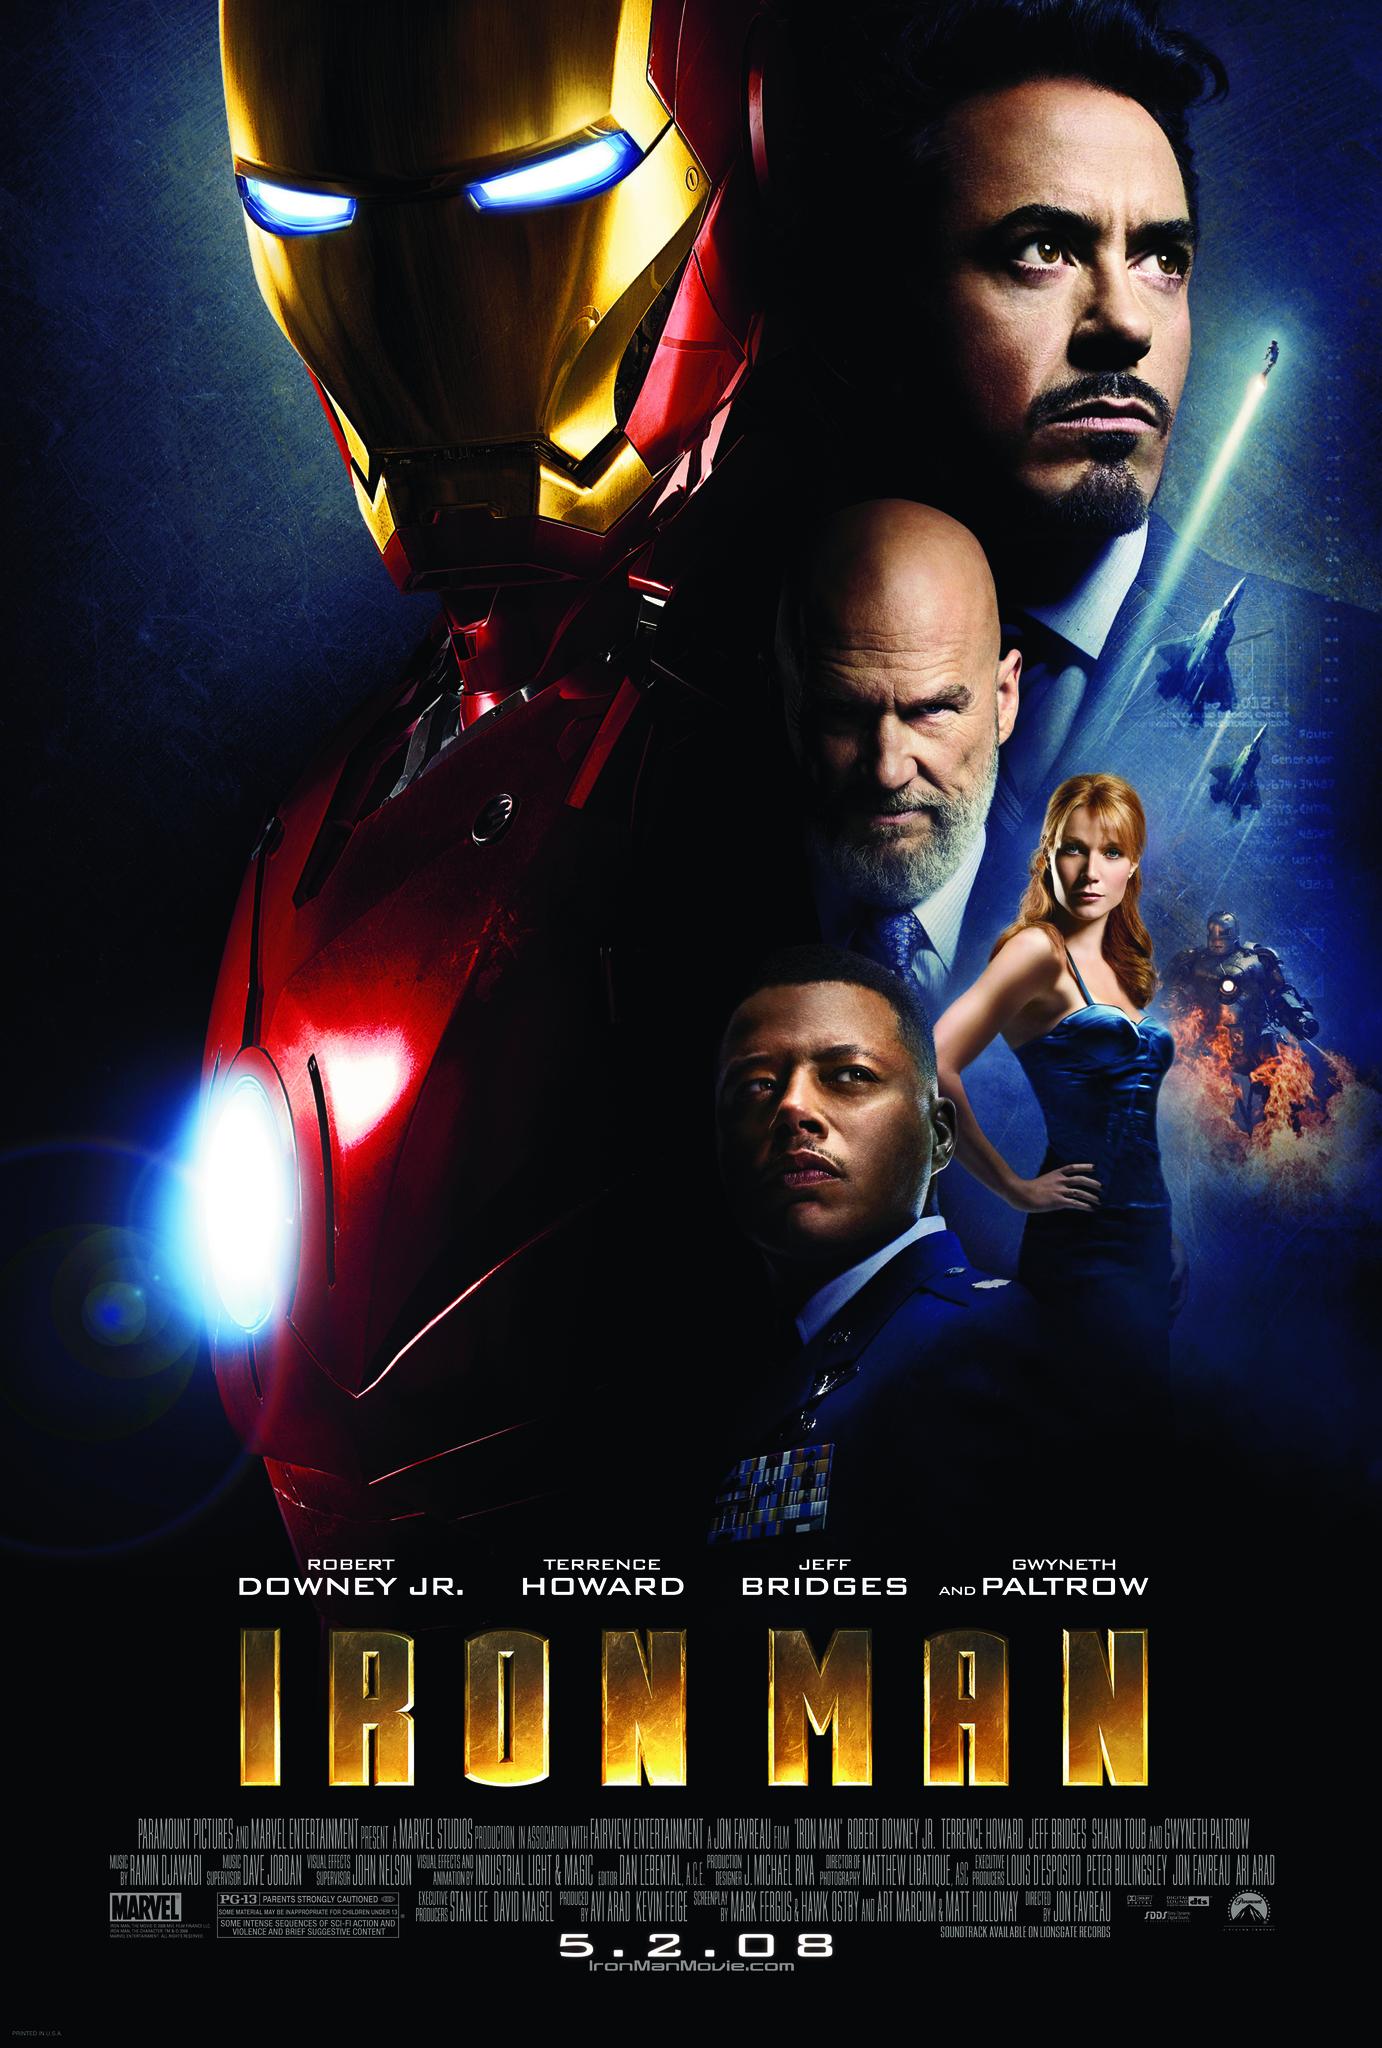 Iron Man (2008) - Jon Favreau